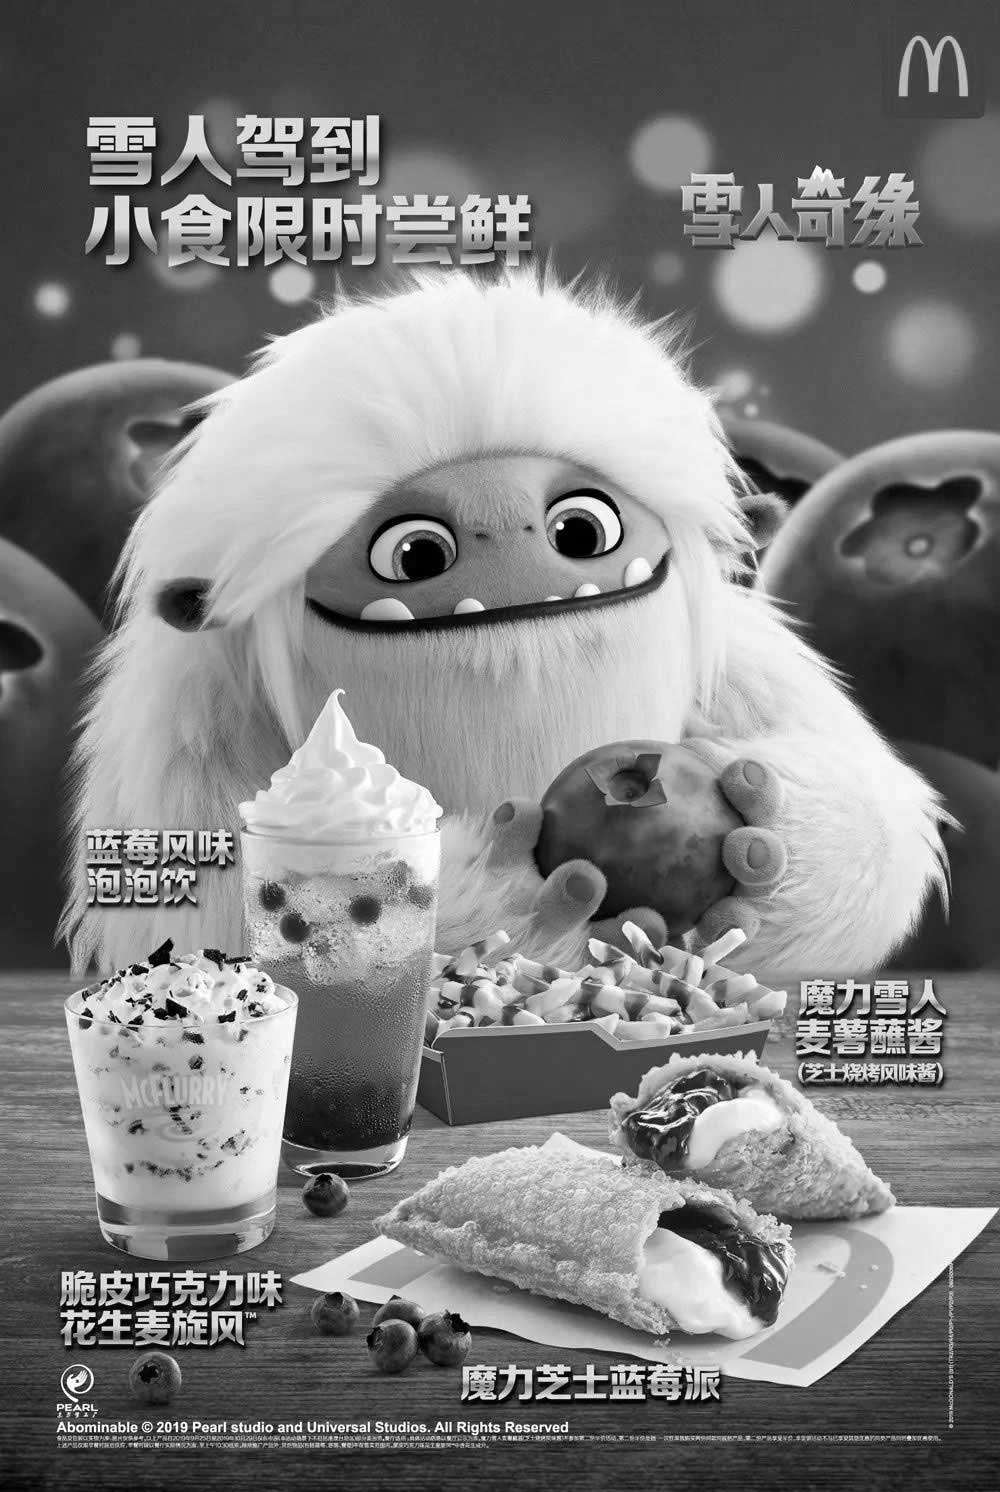 黑白优惠券图片:麦当劳雪人奇缘小食限时尝鲜,魔力雪人麦薯蘸酱、魔力芝士蓝莓派 - www.5ikfc.com